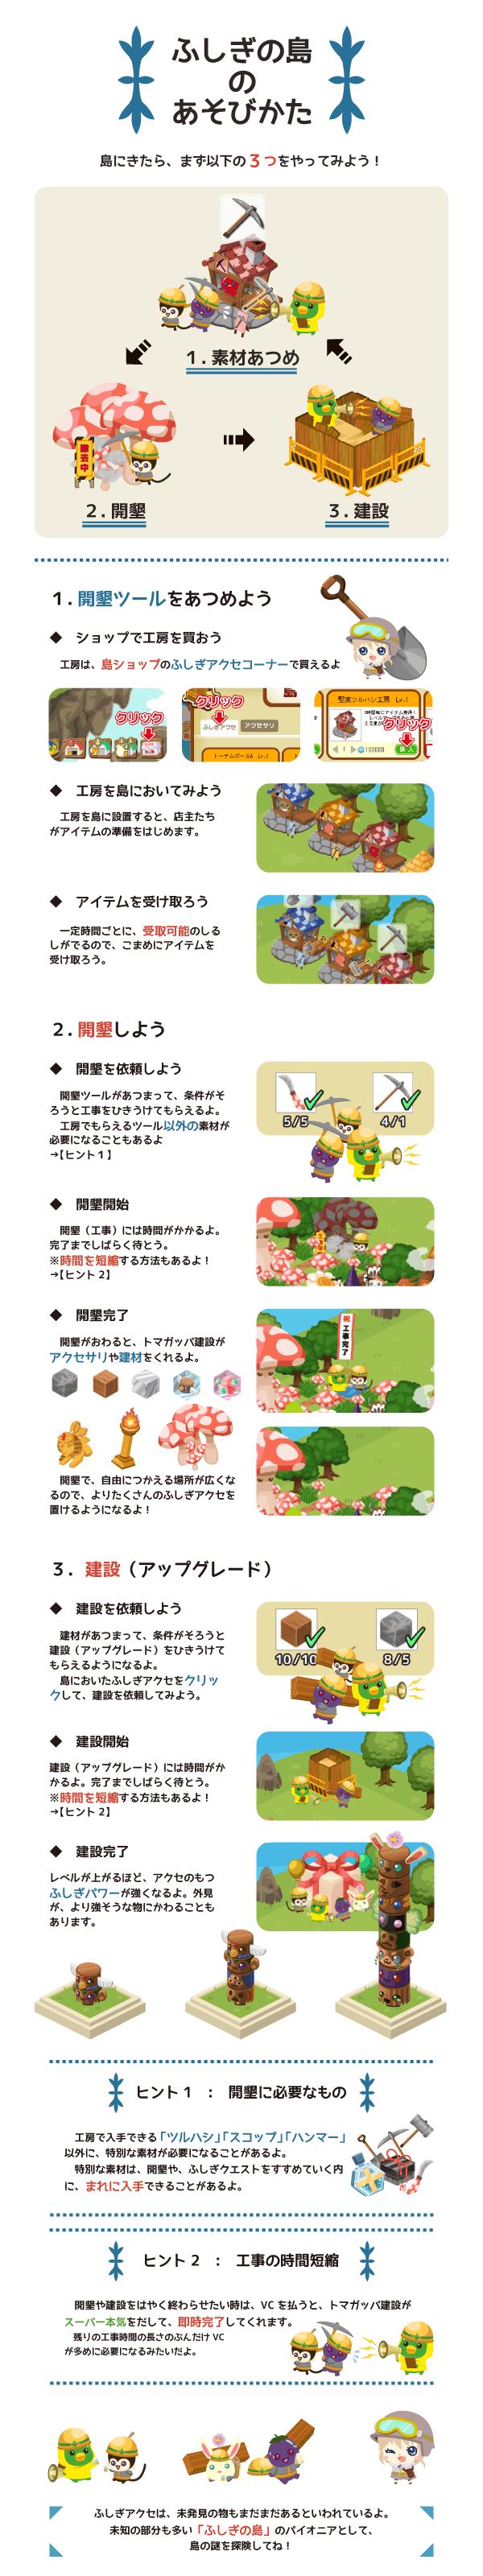 島FAQゲソメルマガ用_600